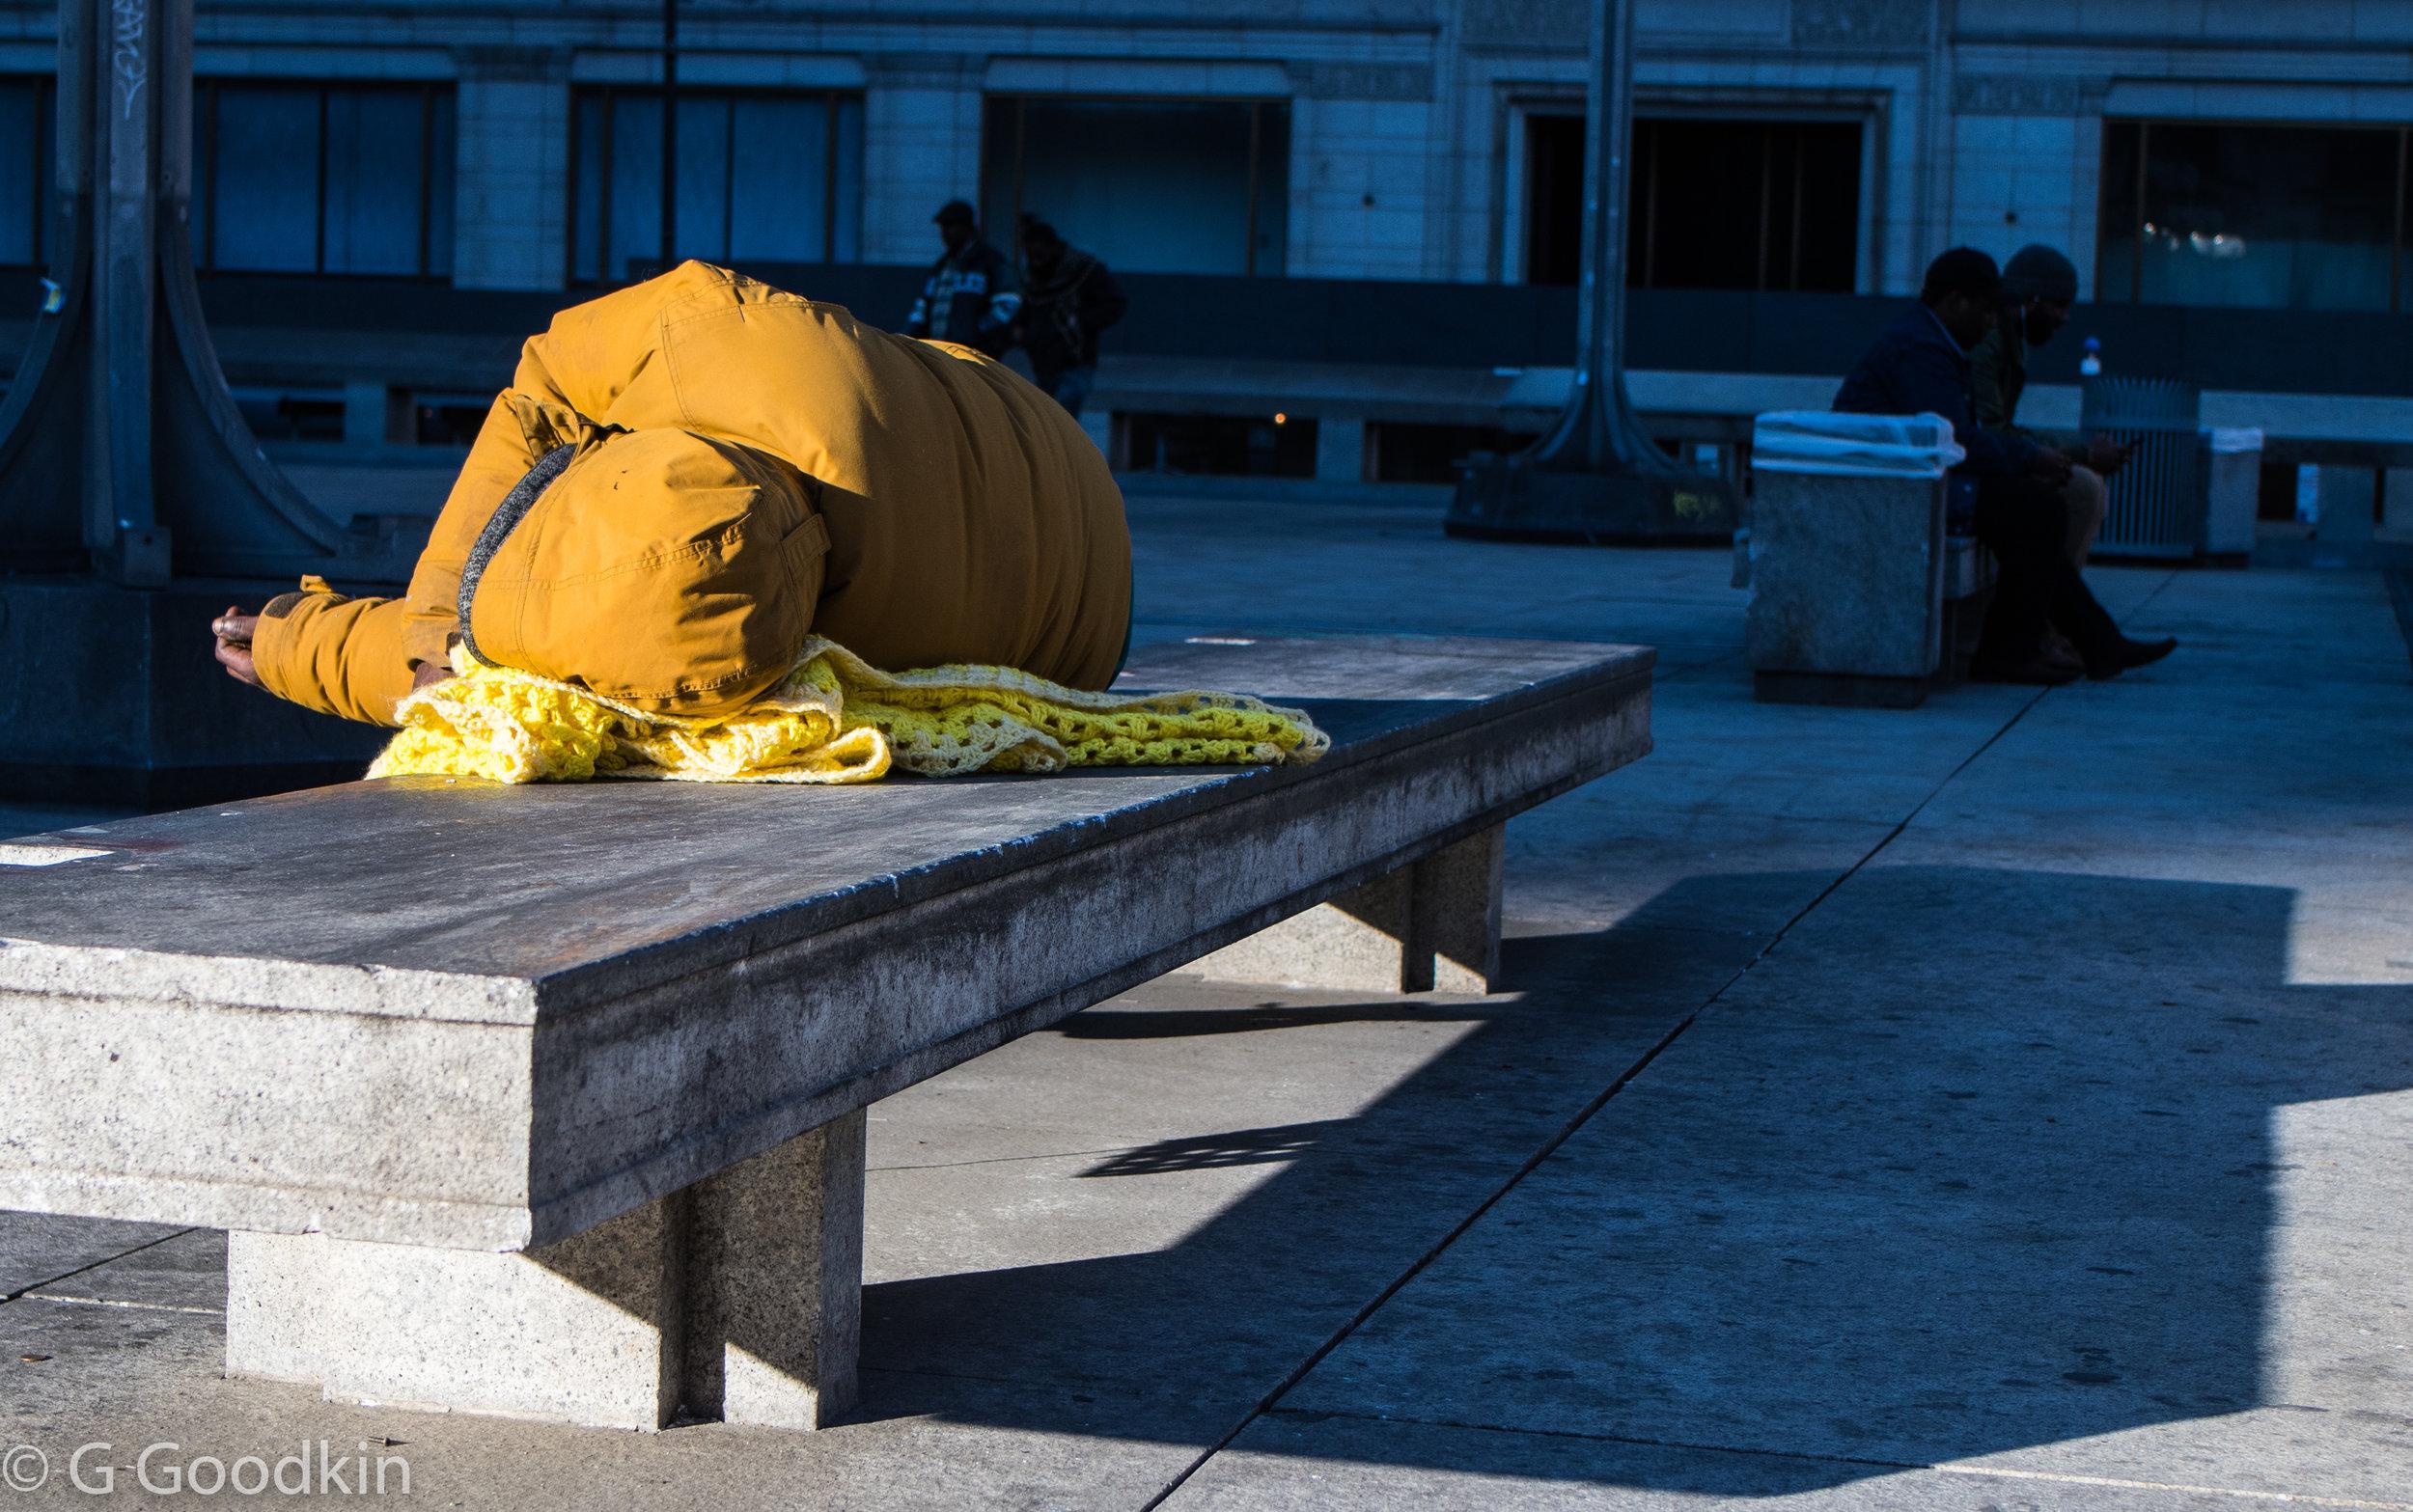 2017-11-28_philadelphia_street-113-2.jpg